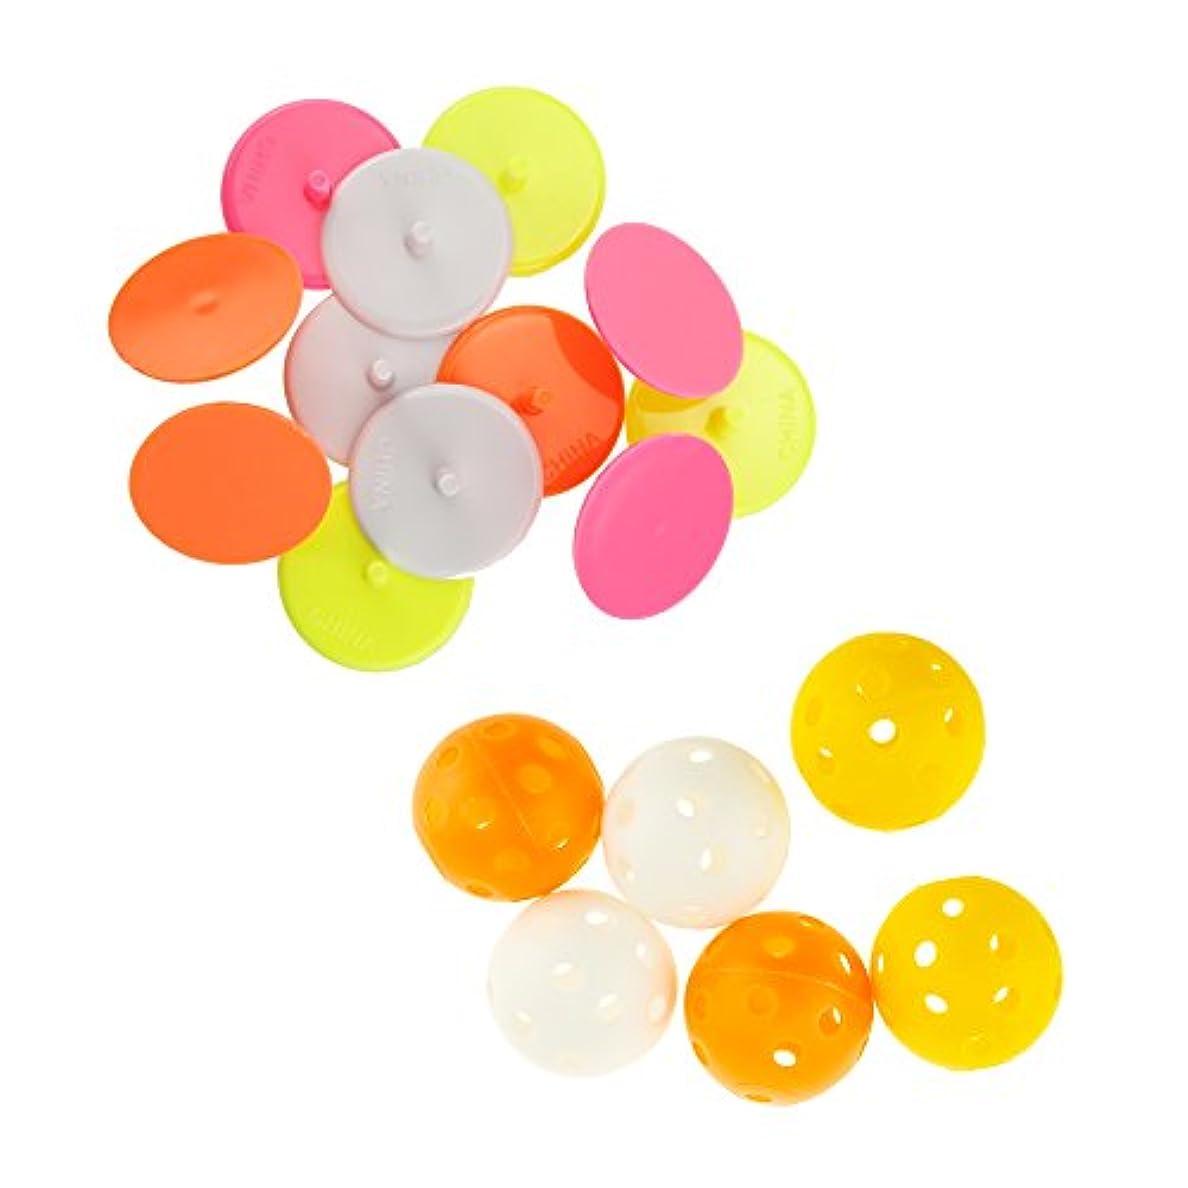 振動するフリッパー半径iztor 100個プラスチックゴルフボール位置マーカーマークマルチカラー